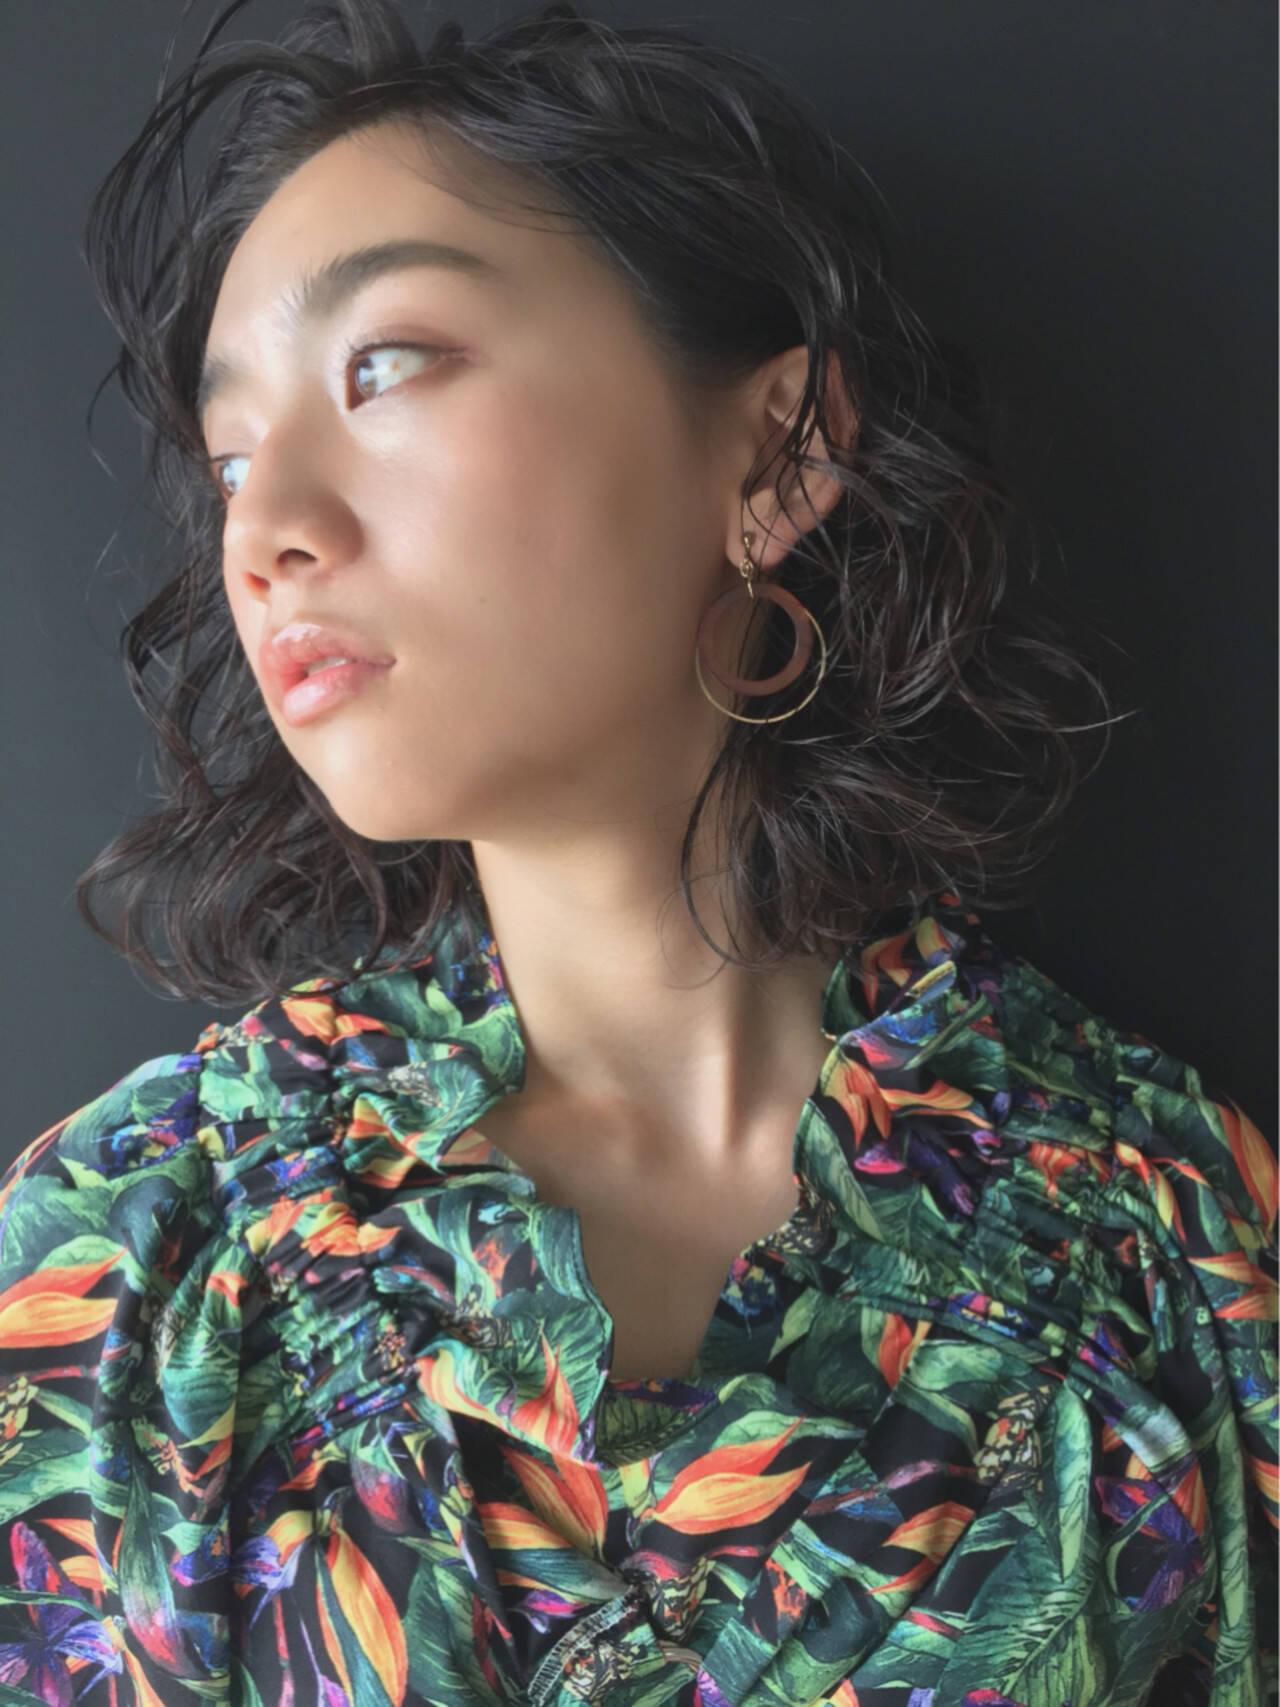 ガーリー 大人かわいい ミディアム ヘアアレンジヘアスタイルや髪型の写真・画像